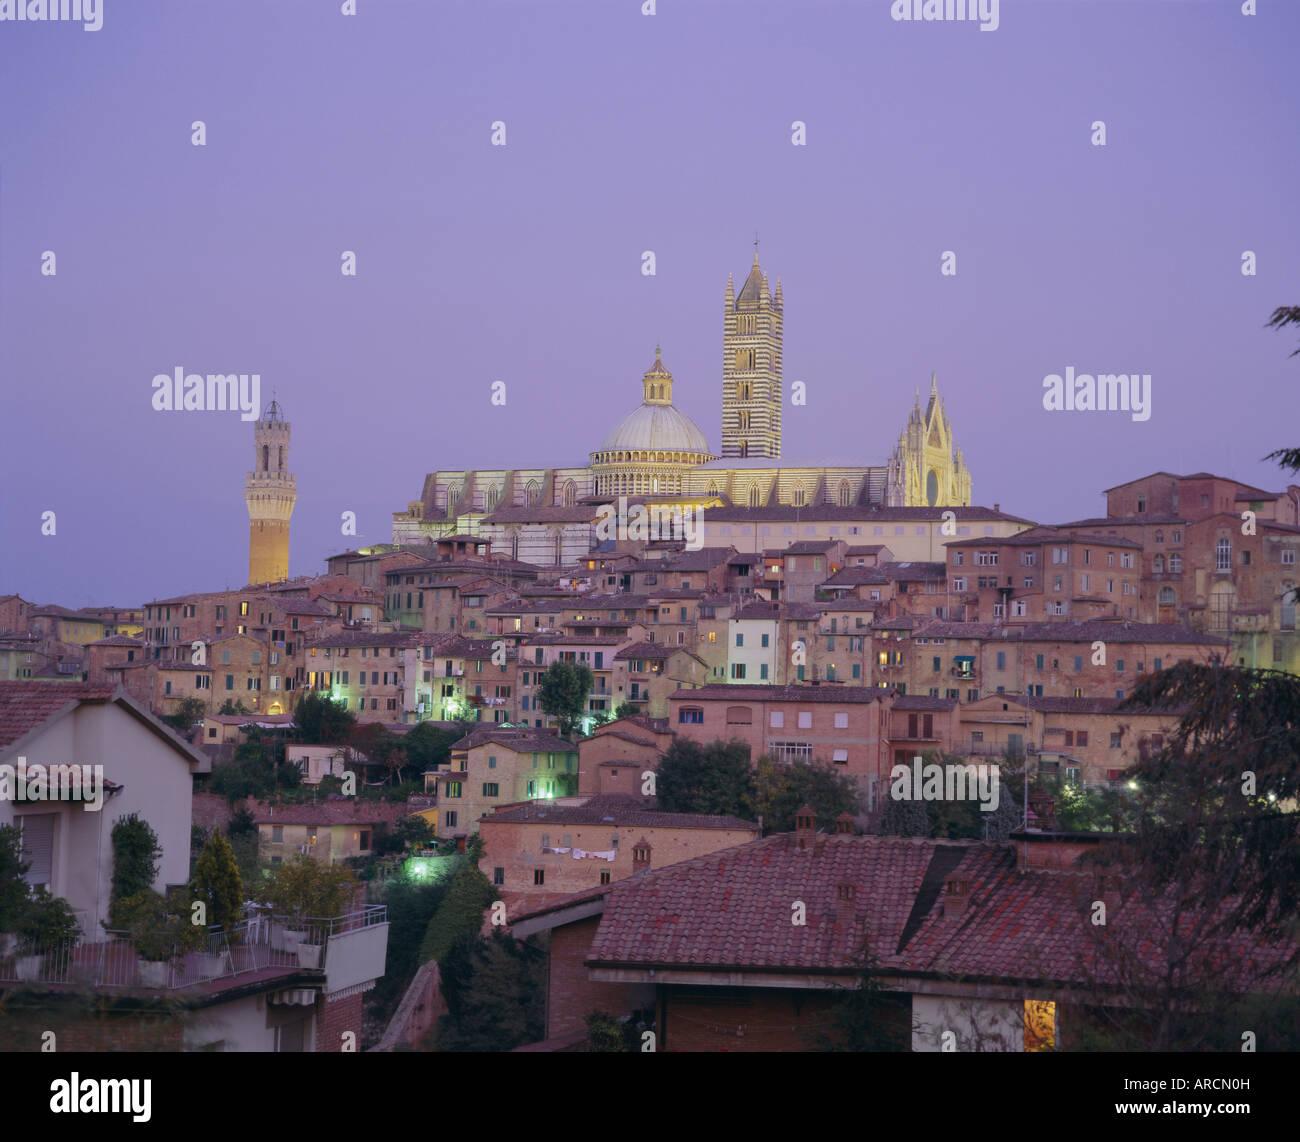 City Skyline, Siena, Toskana, Italien, Europa Stockbild